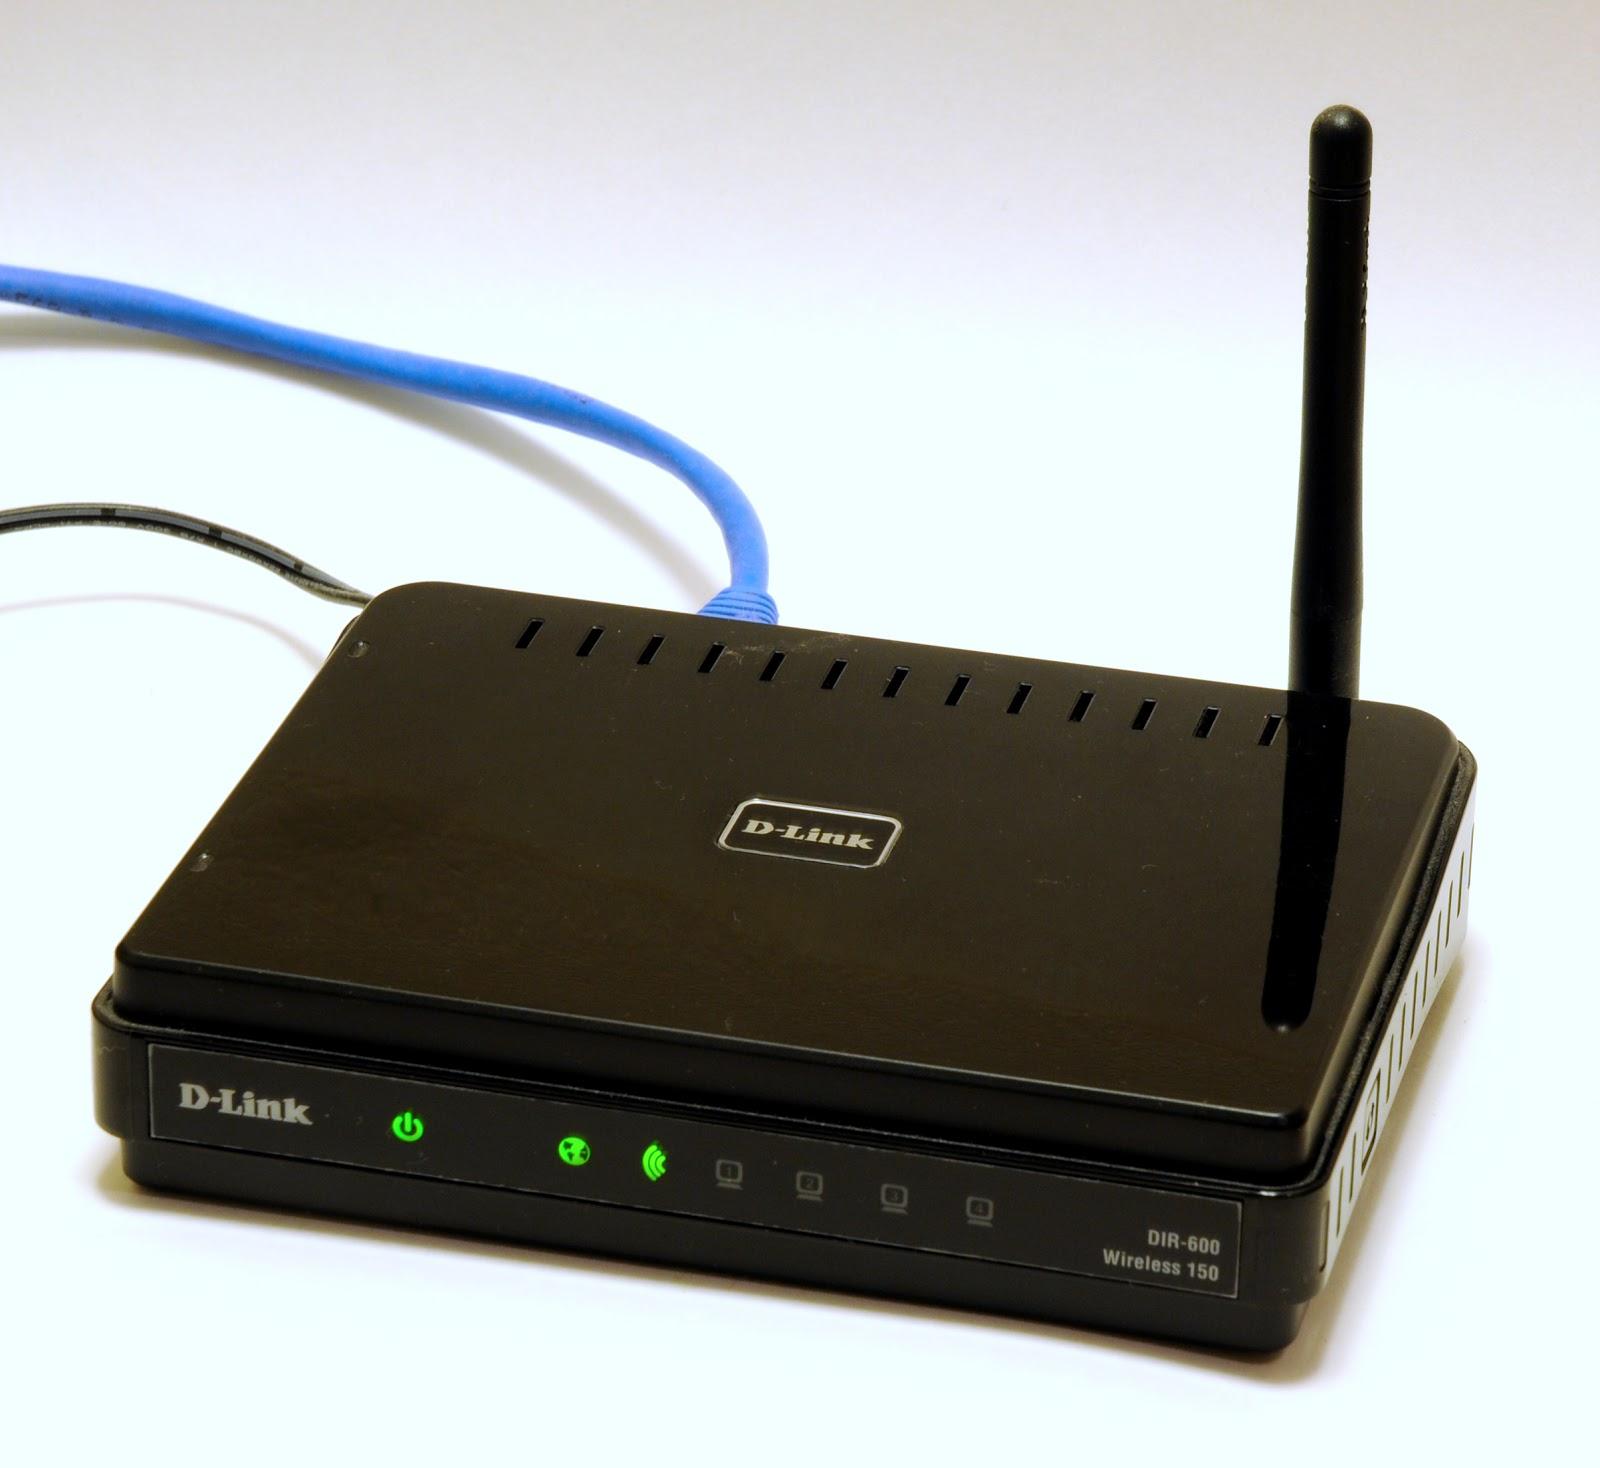 ワイヤレスルーターのD-LinkのDIR 600